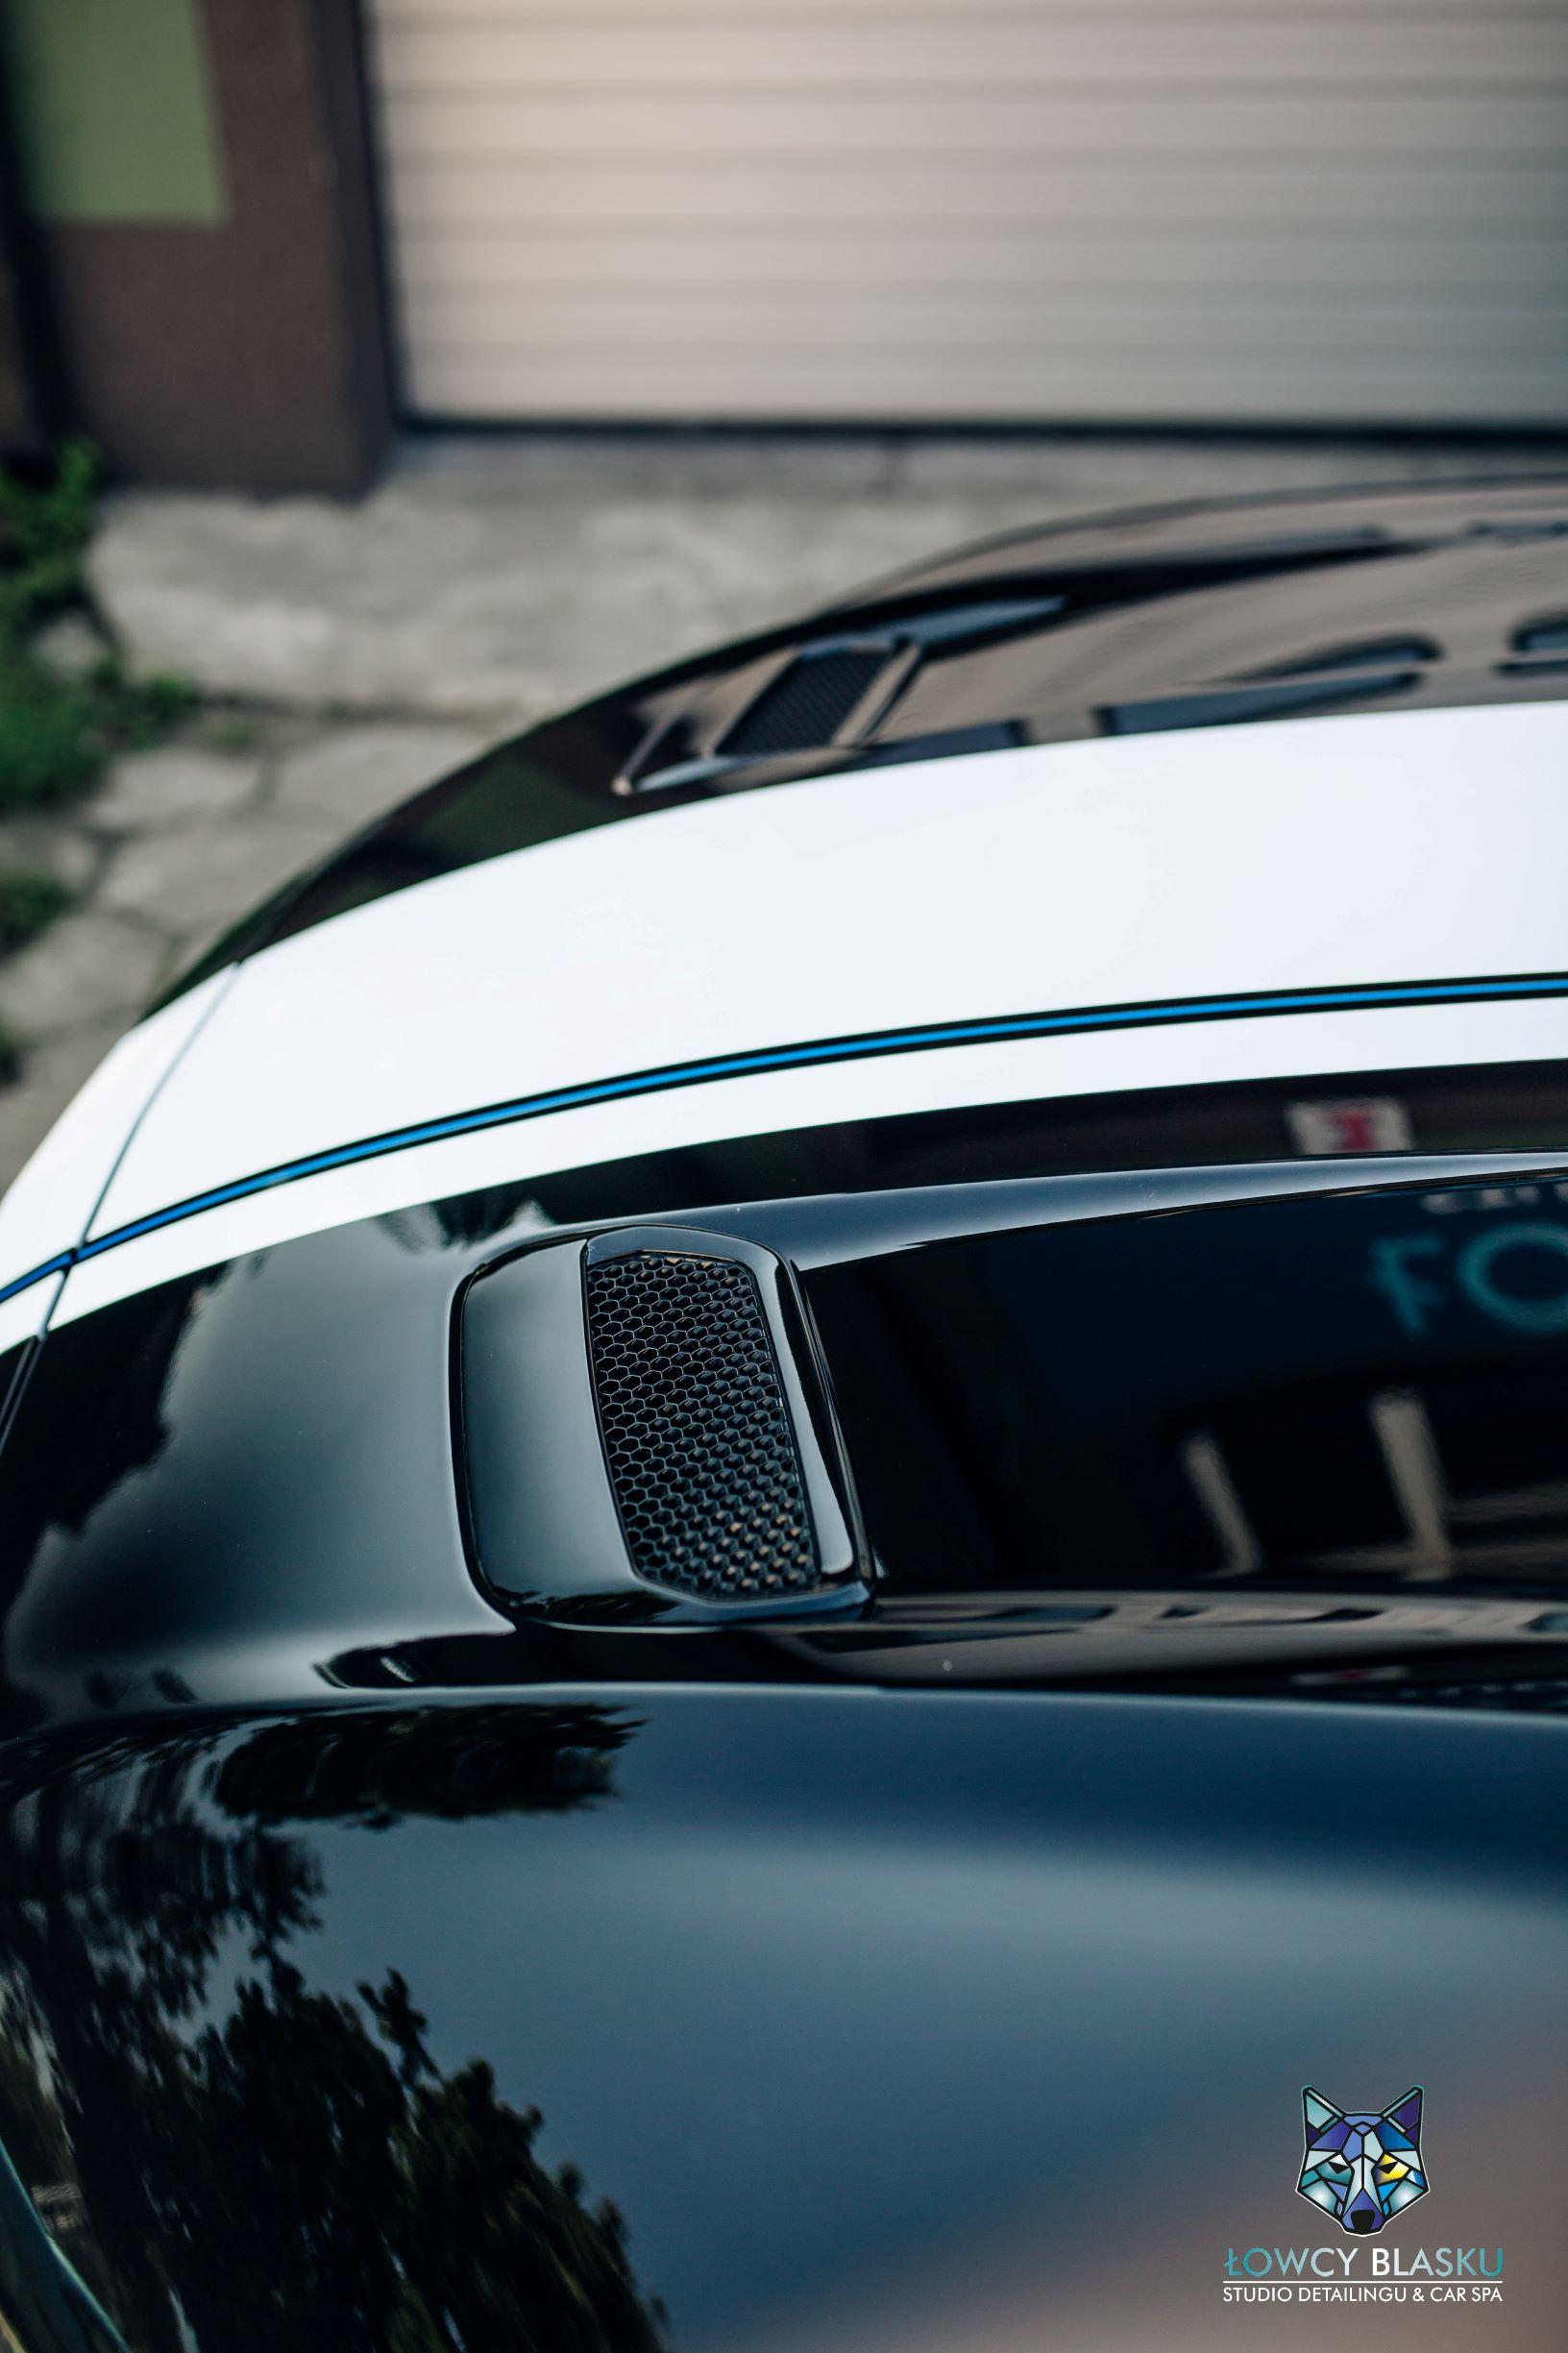 Ford Mustang GT zabezpieczony folią ochronną samochodową, folie samochodowe, oklejanie foliami, łowcy blasku